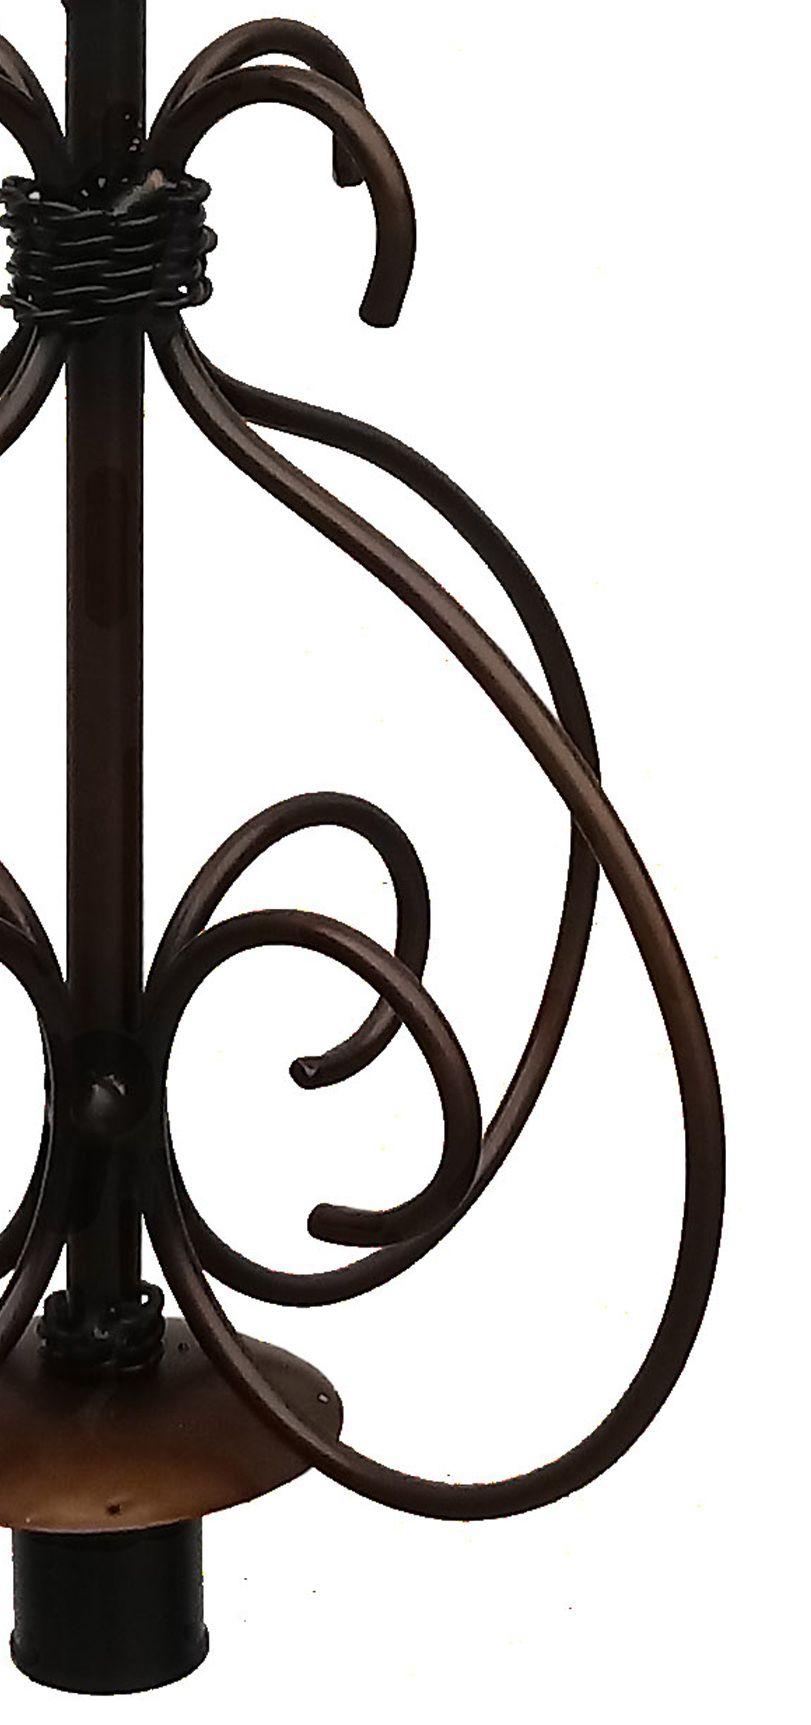 Lustre Pendente Decorativo para Balcão de Cozinha e Área Gourmet